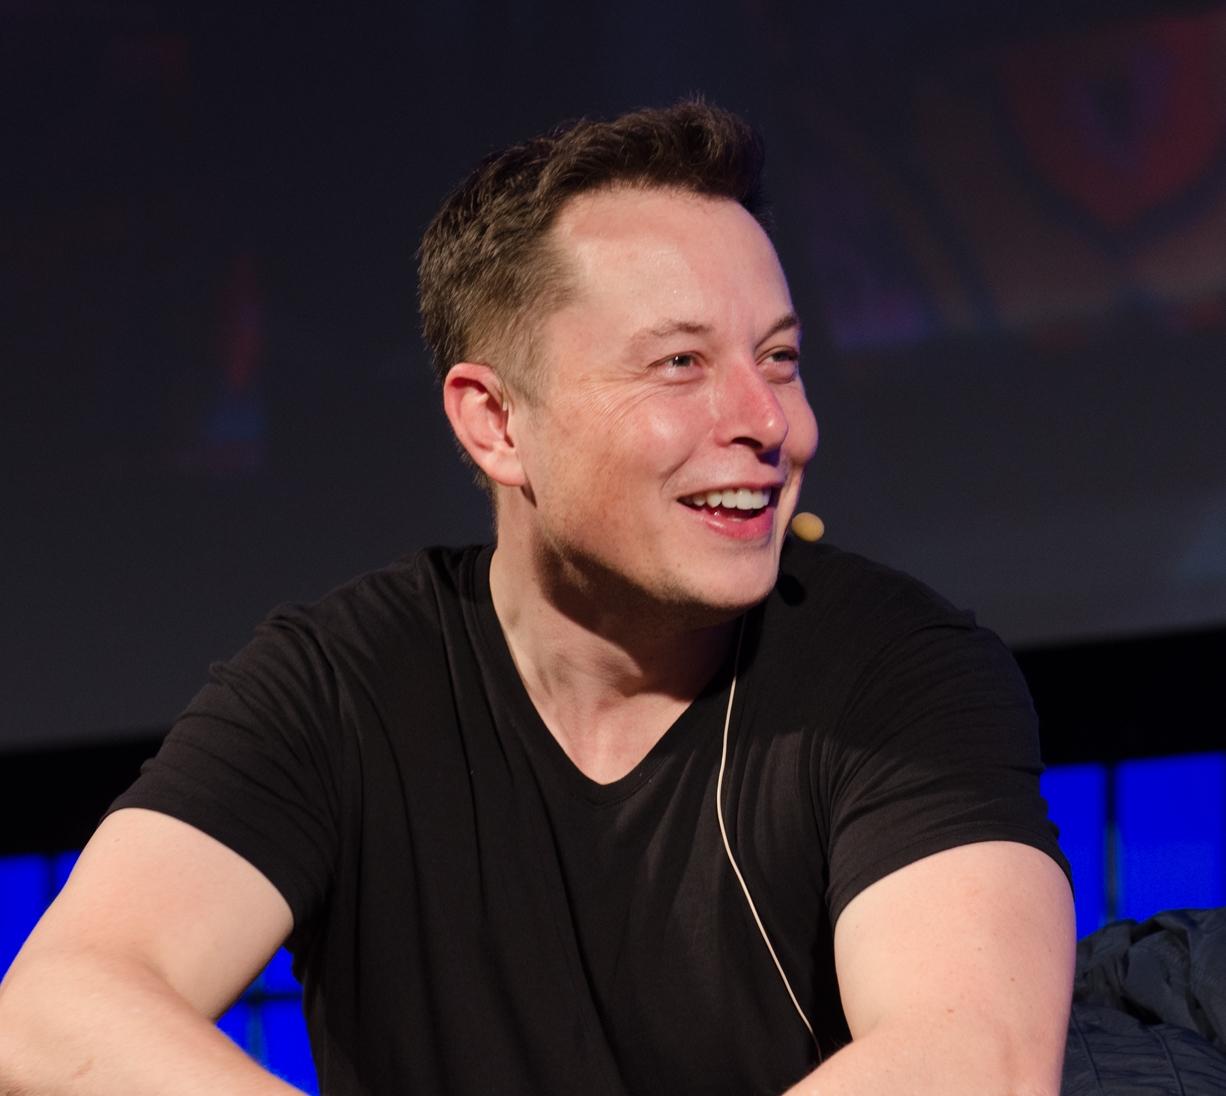 El Plan Maestro de Elon Musk para electrificar el mundo